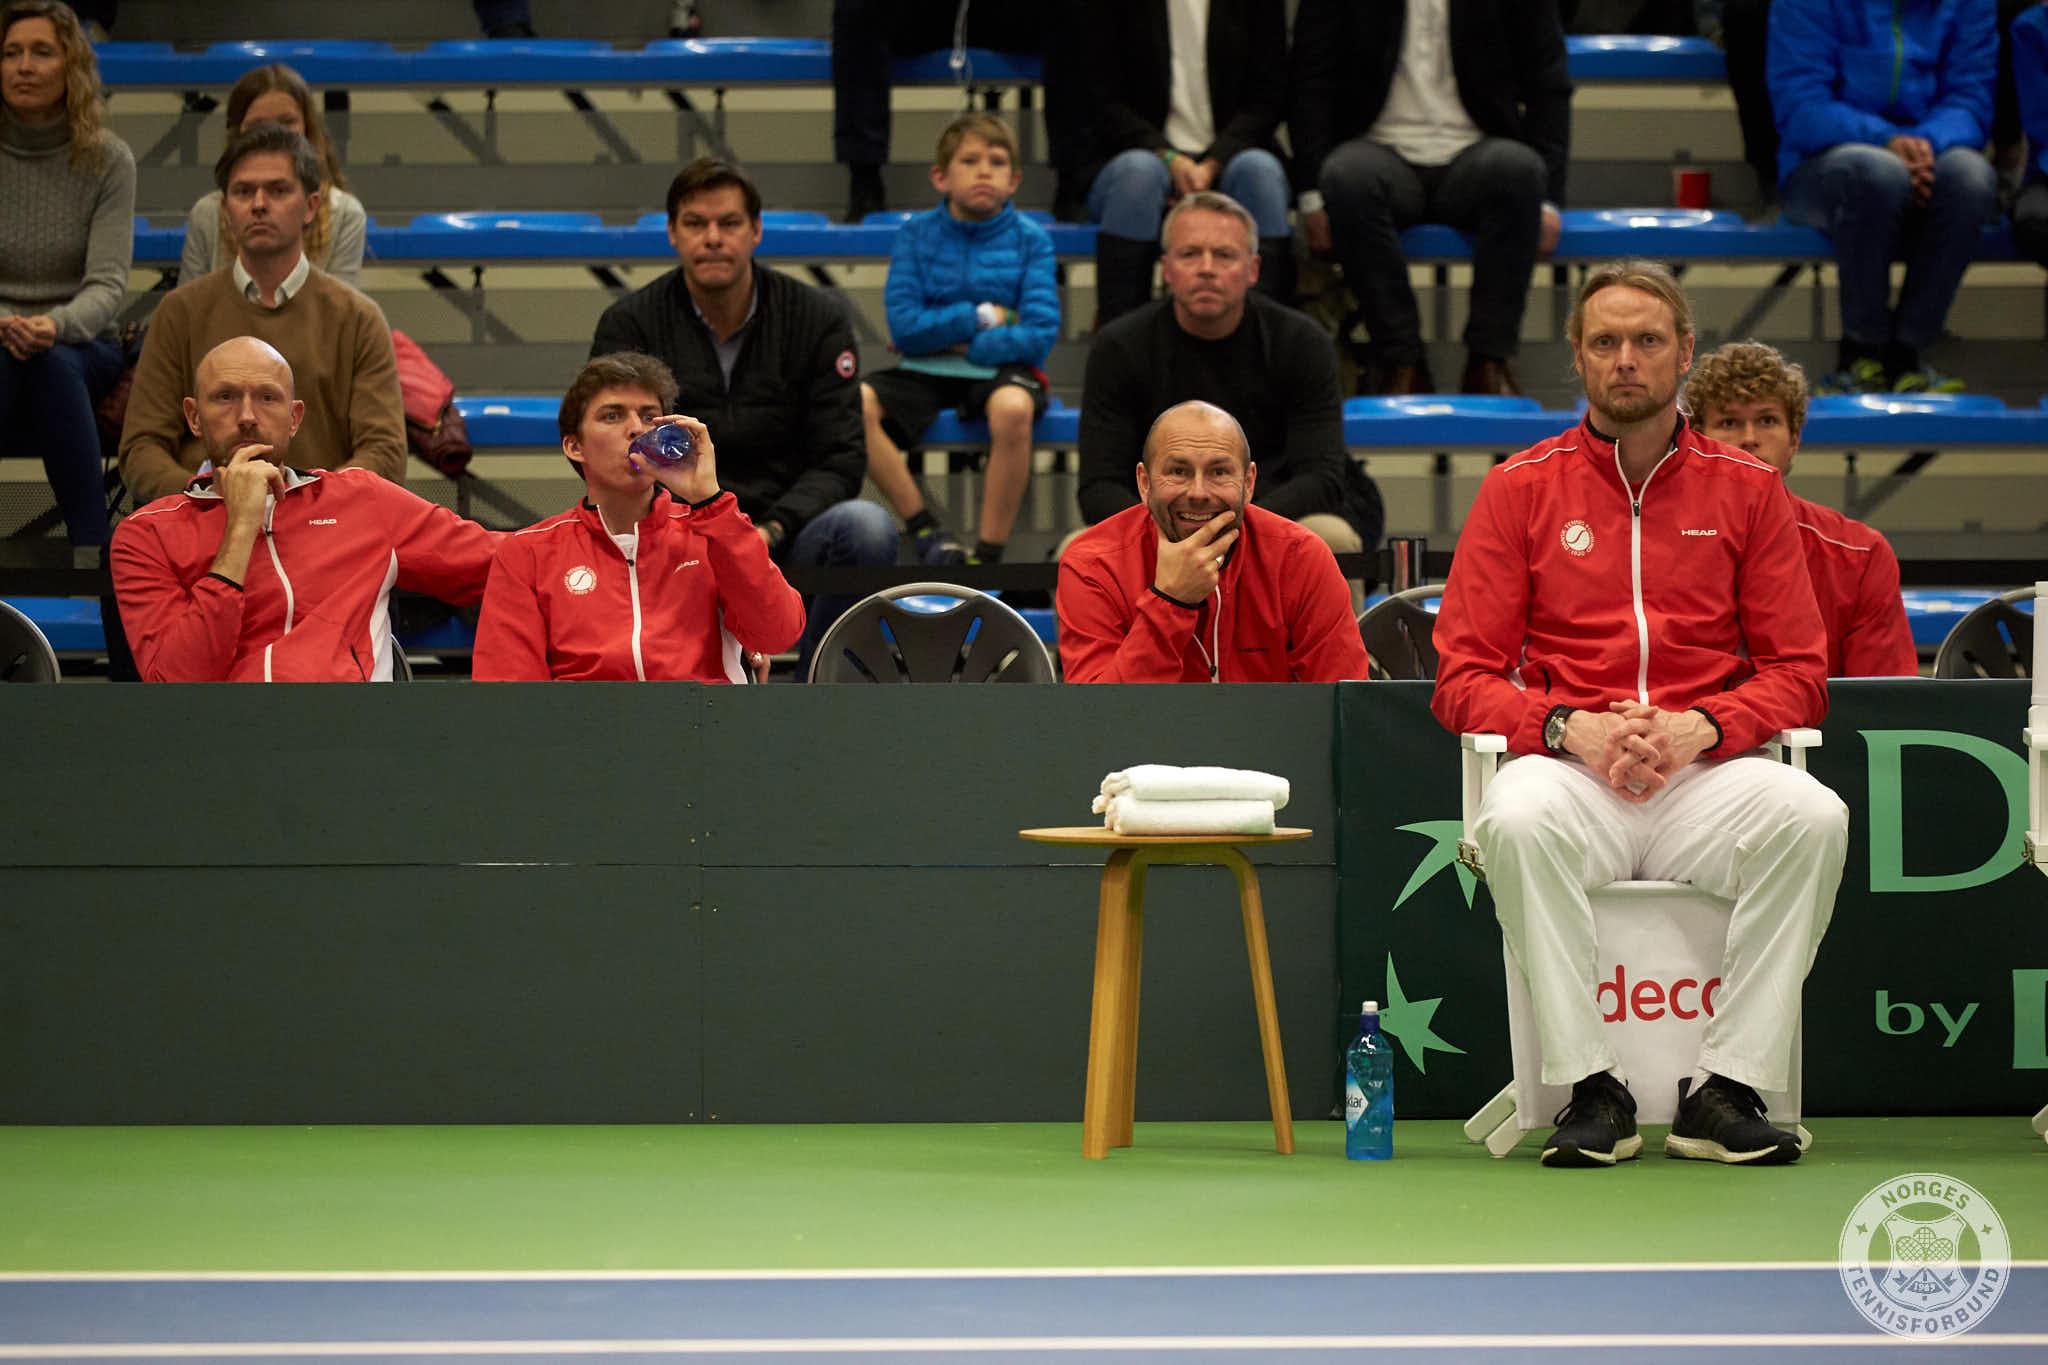 Davis Cup mod Norge 2017